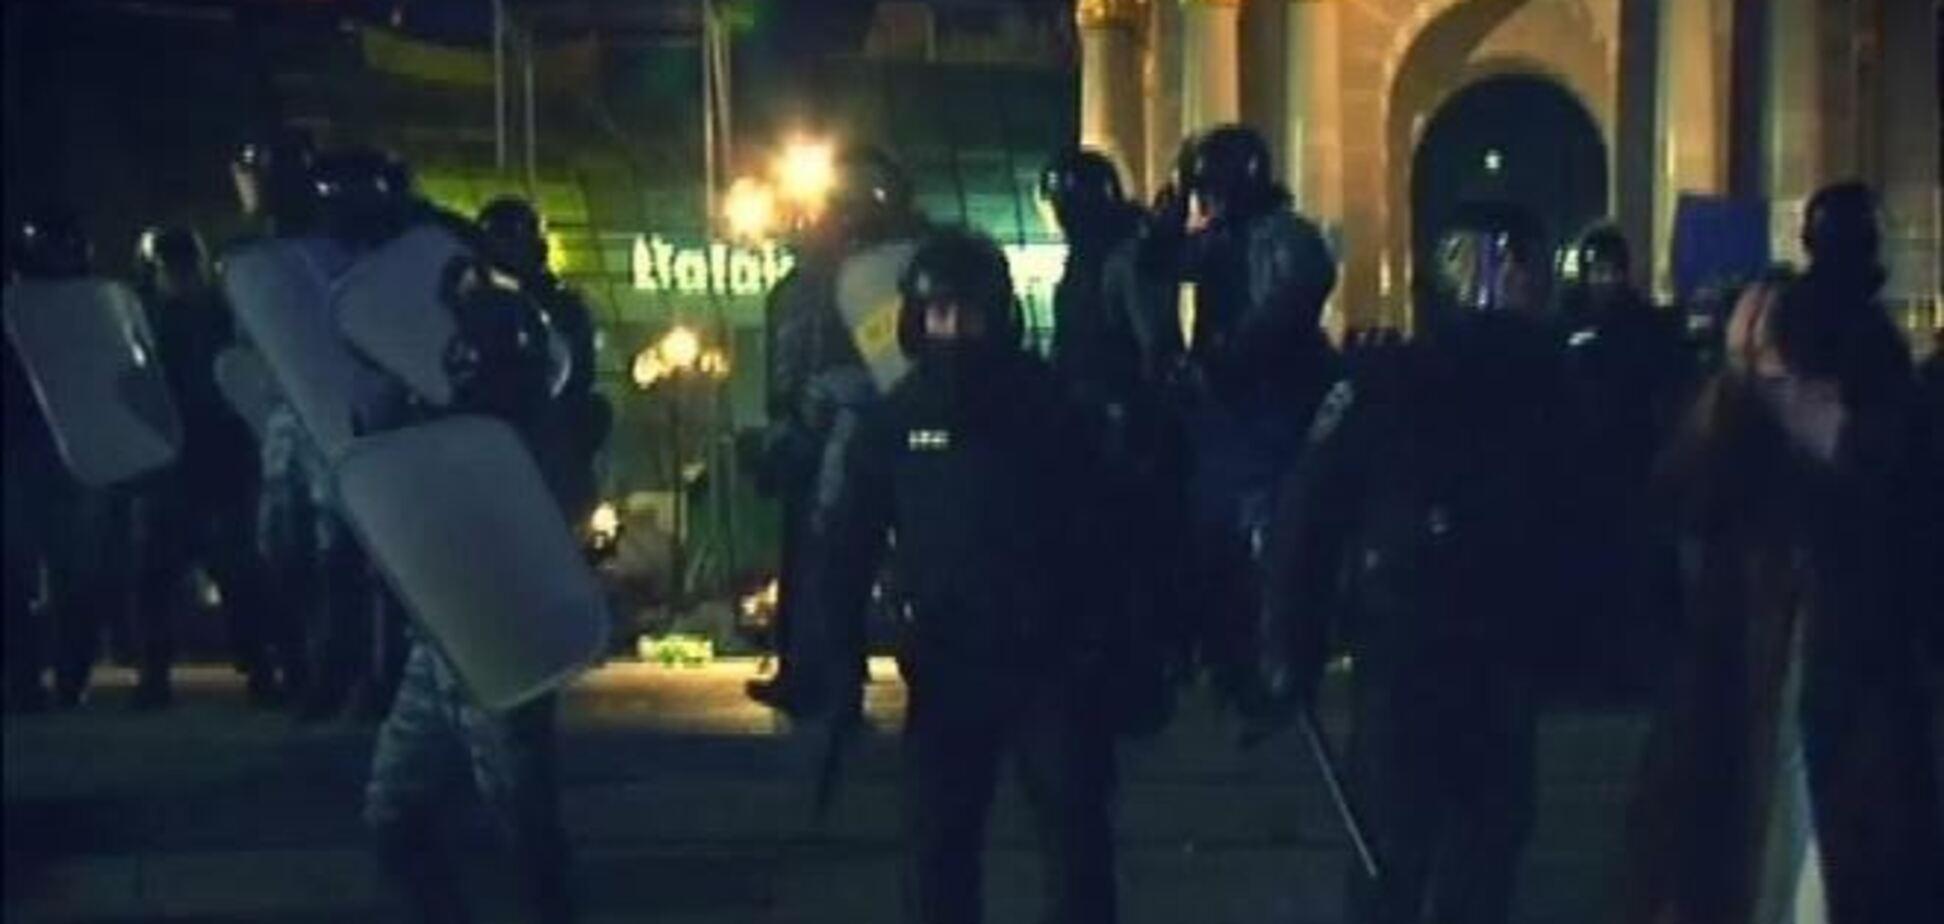 Во время разгона Евромайдана пострадали 12 милиционеров  - МВД